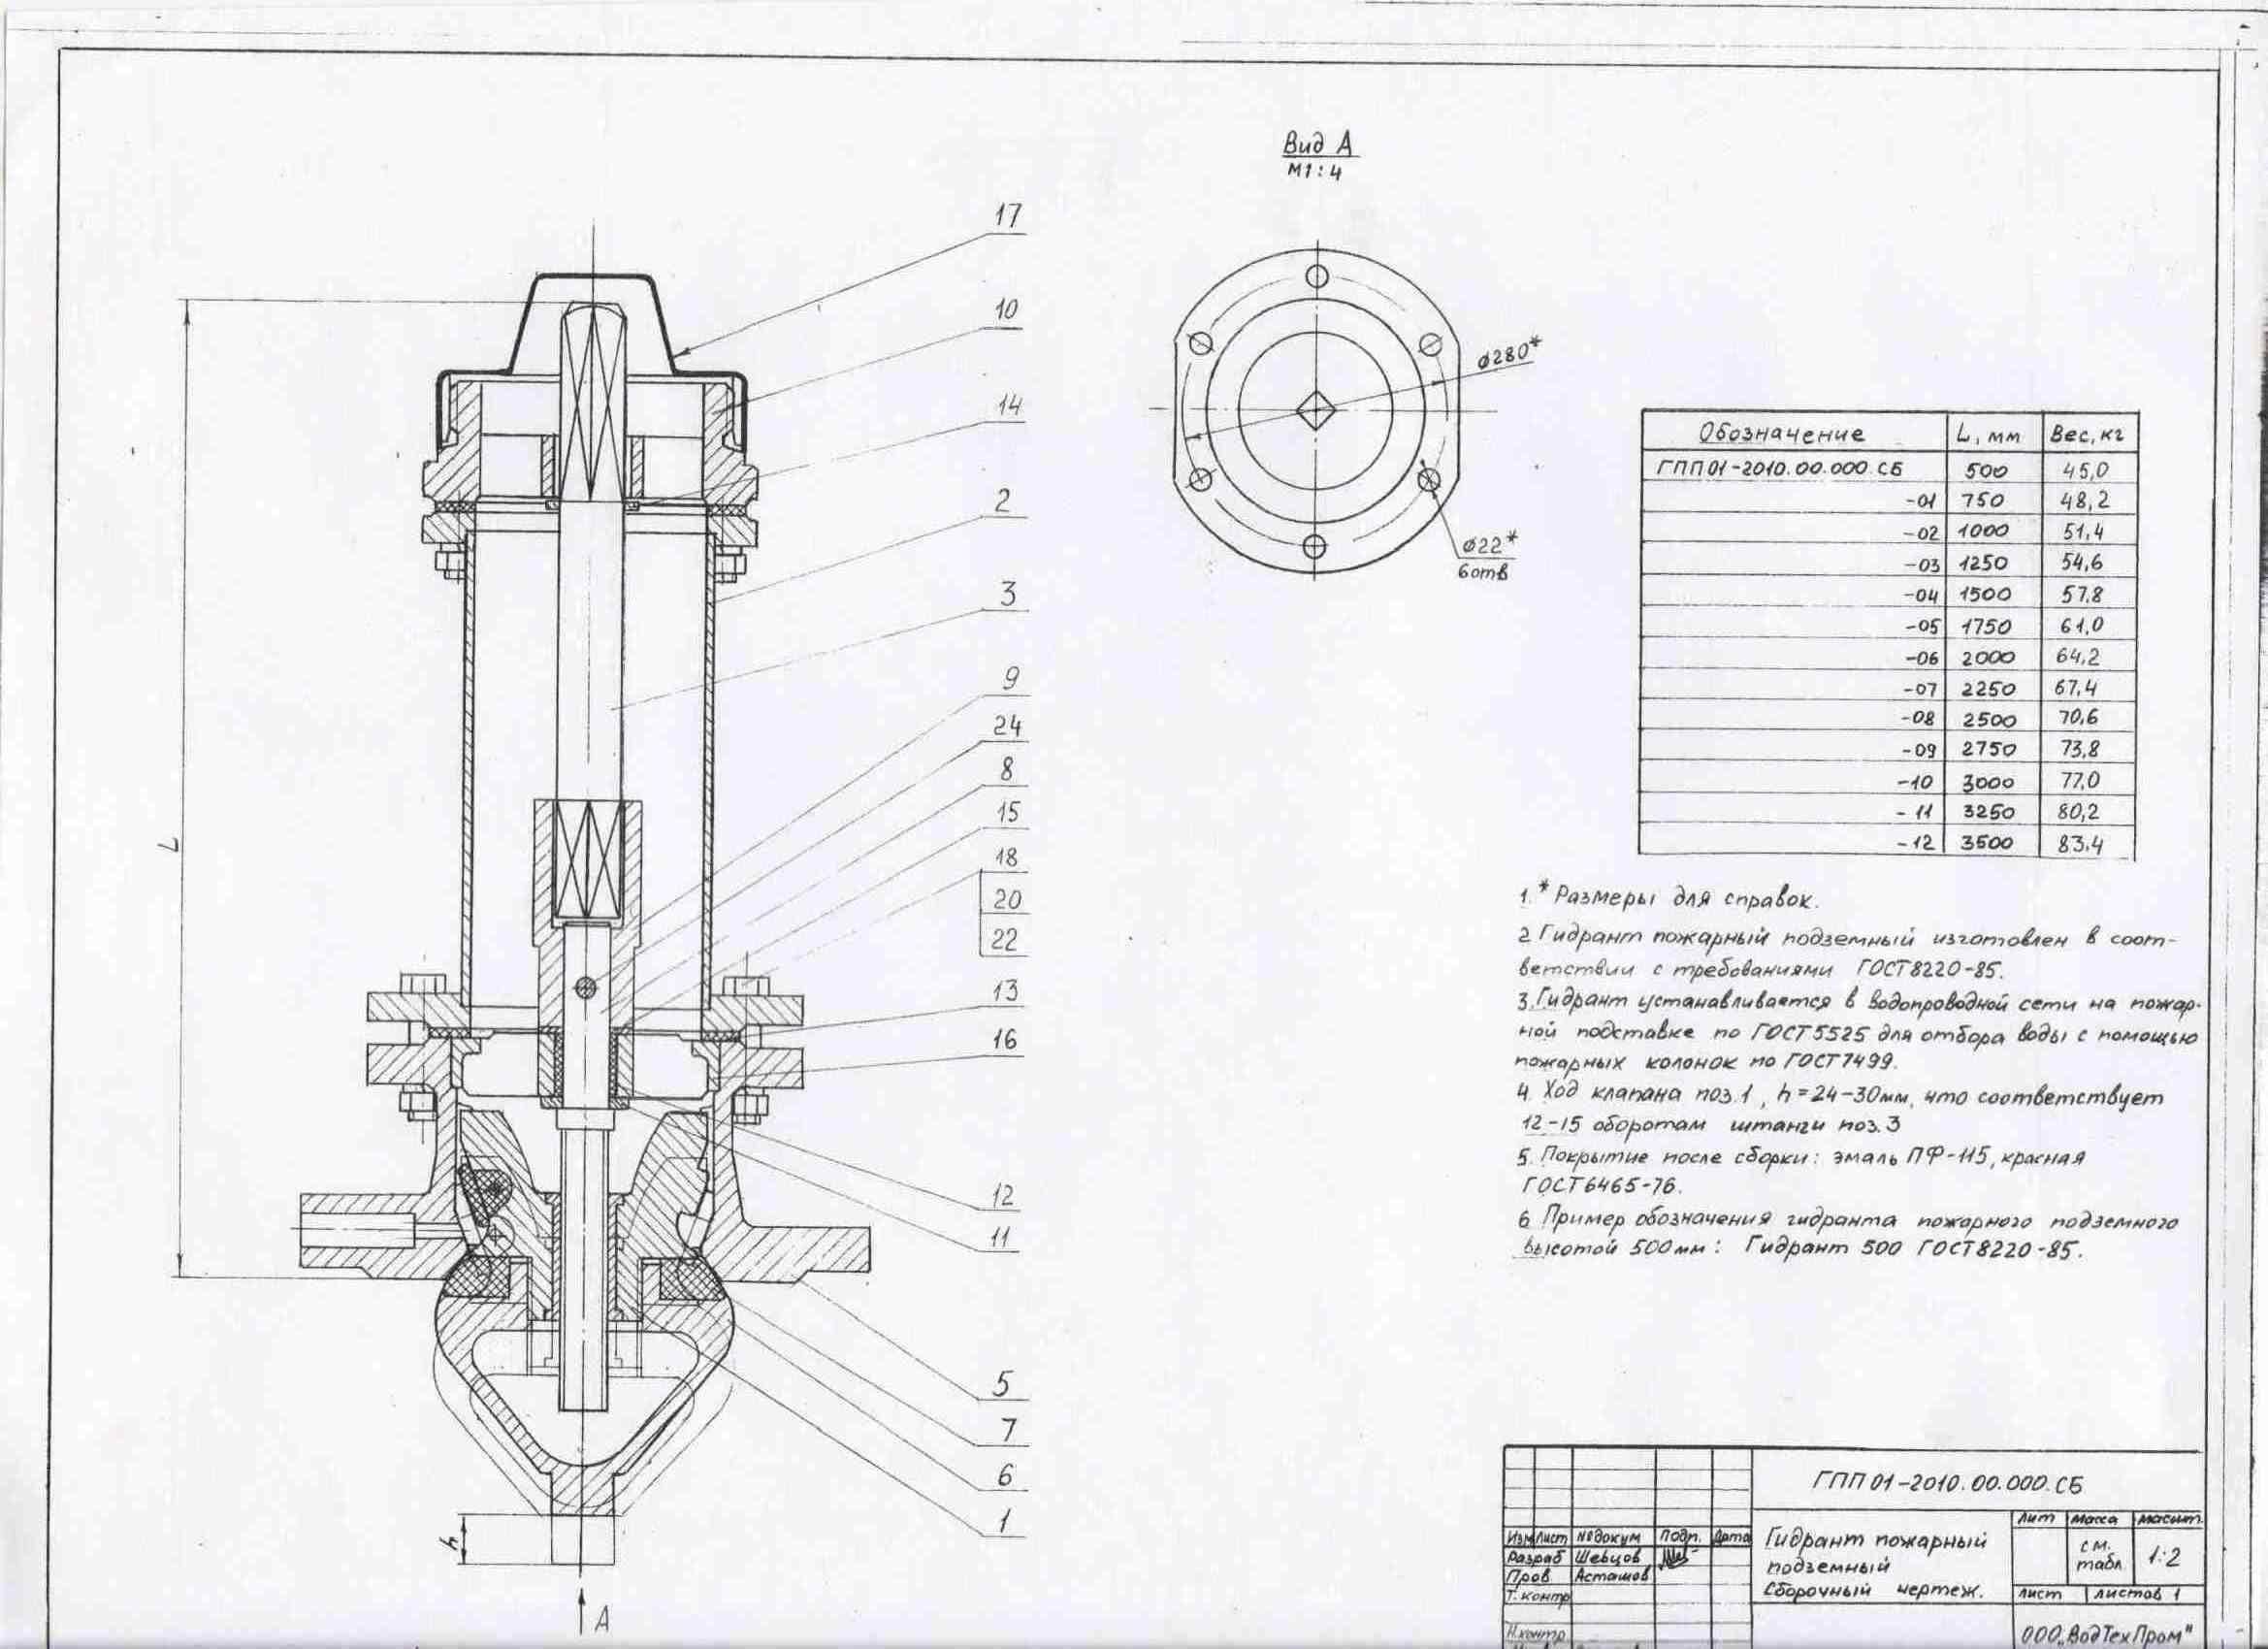 Что такое пожарный гидрант и его принцип работы